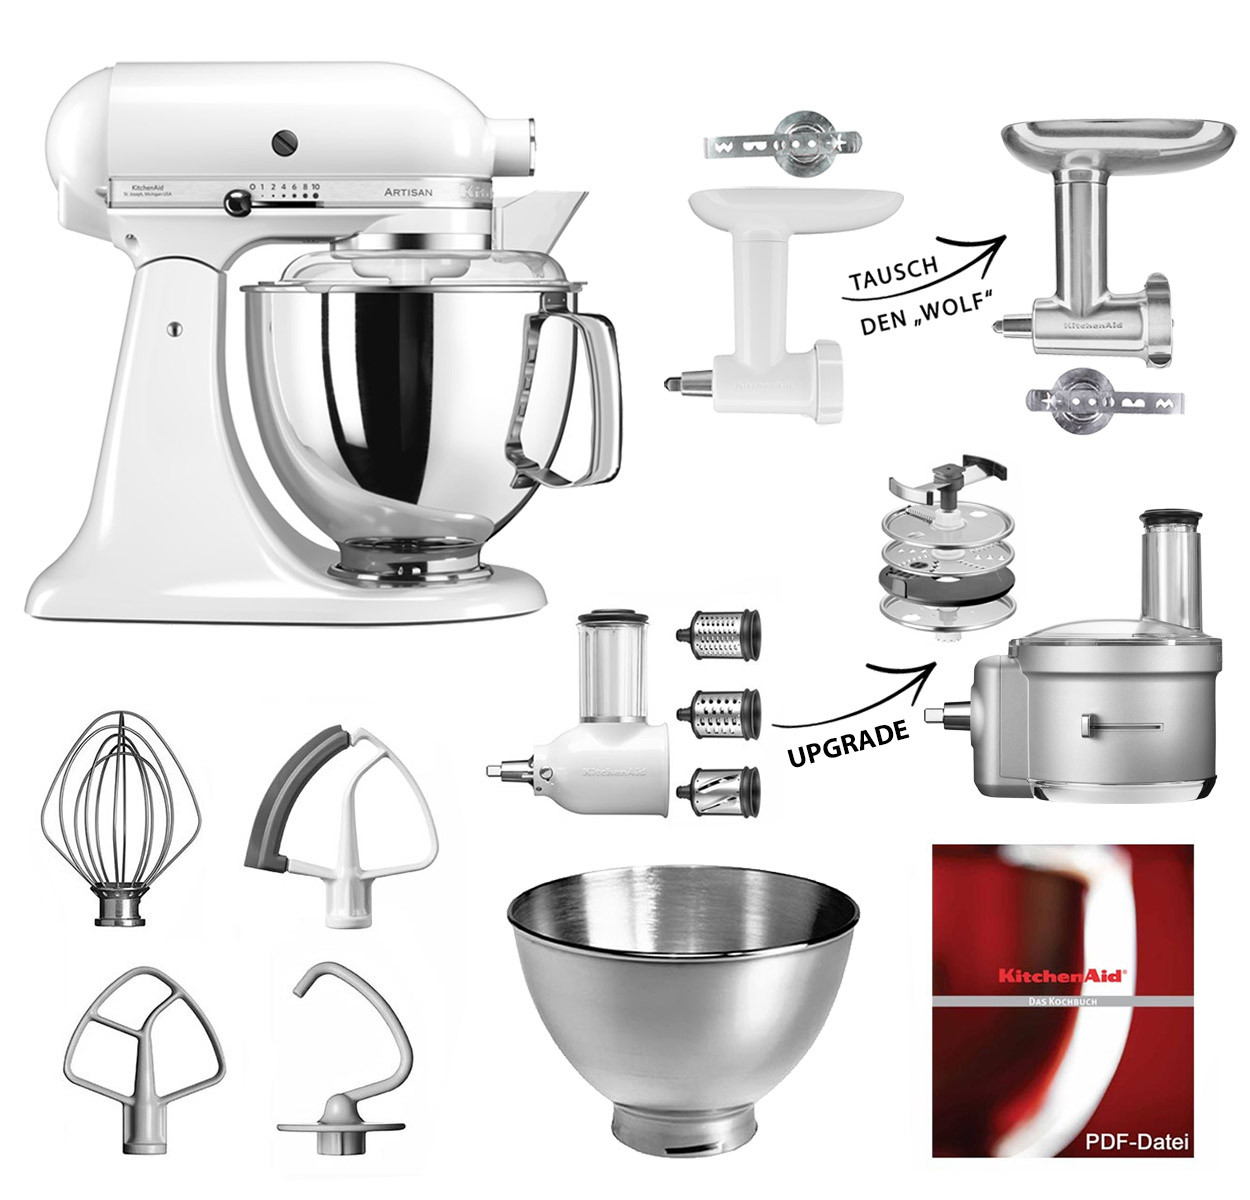 KitchenAid Artisan Küchenmaschine 4,8l weiß mit 5KSMFGA oder Tausch zu 5KSMMGA